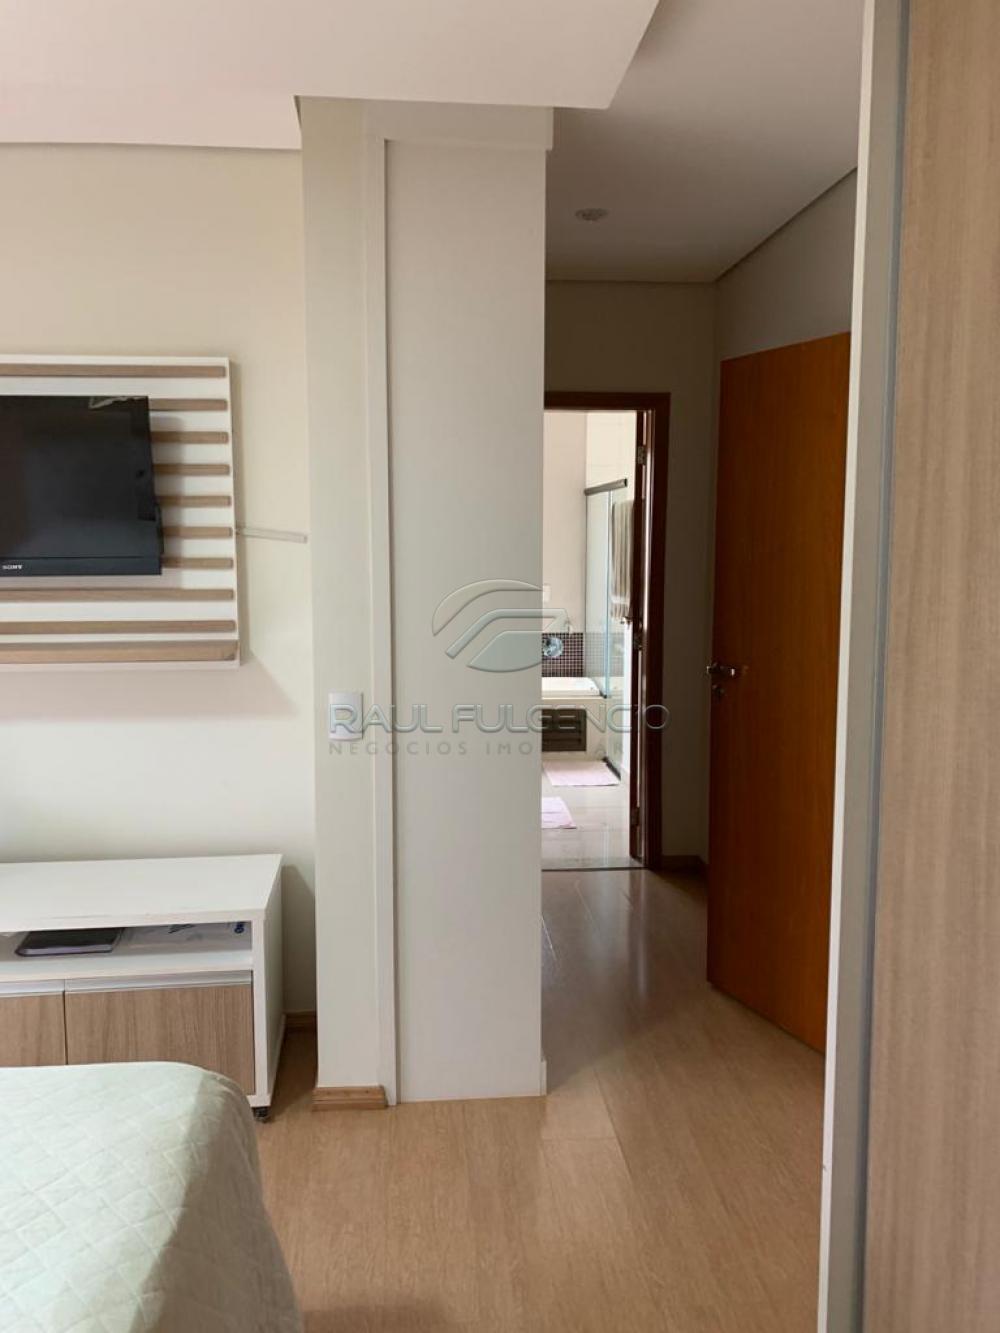 Comprar Casa / Condomínio Sobrado em Londrina apenas R$ 840.000,00 - Foto 11